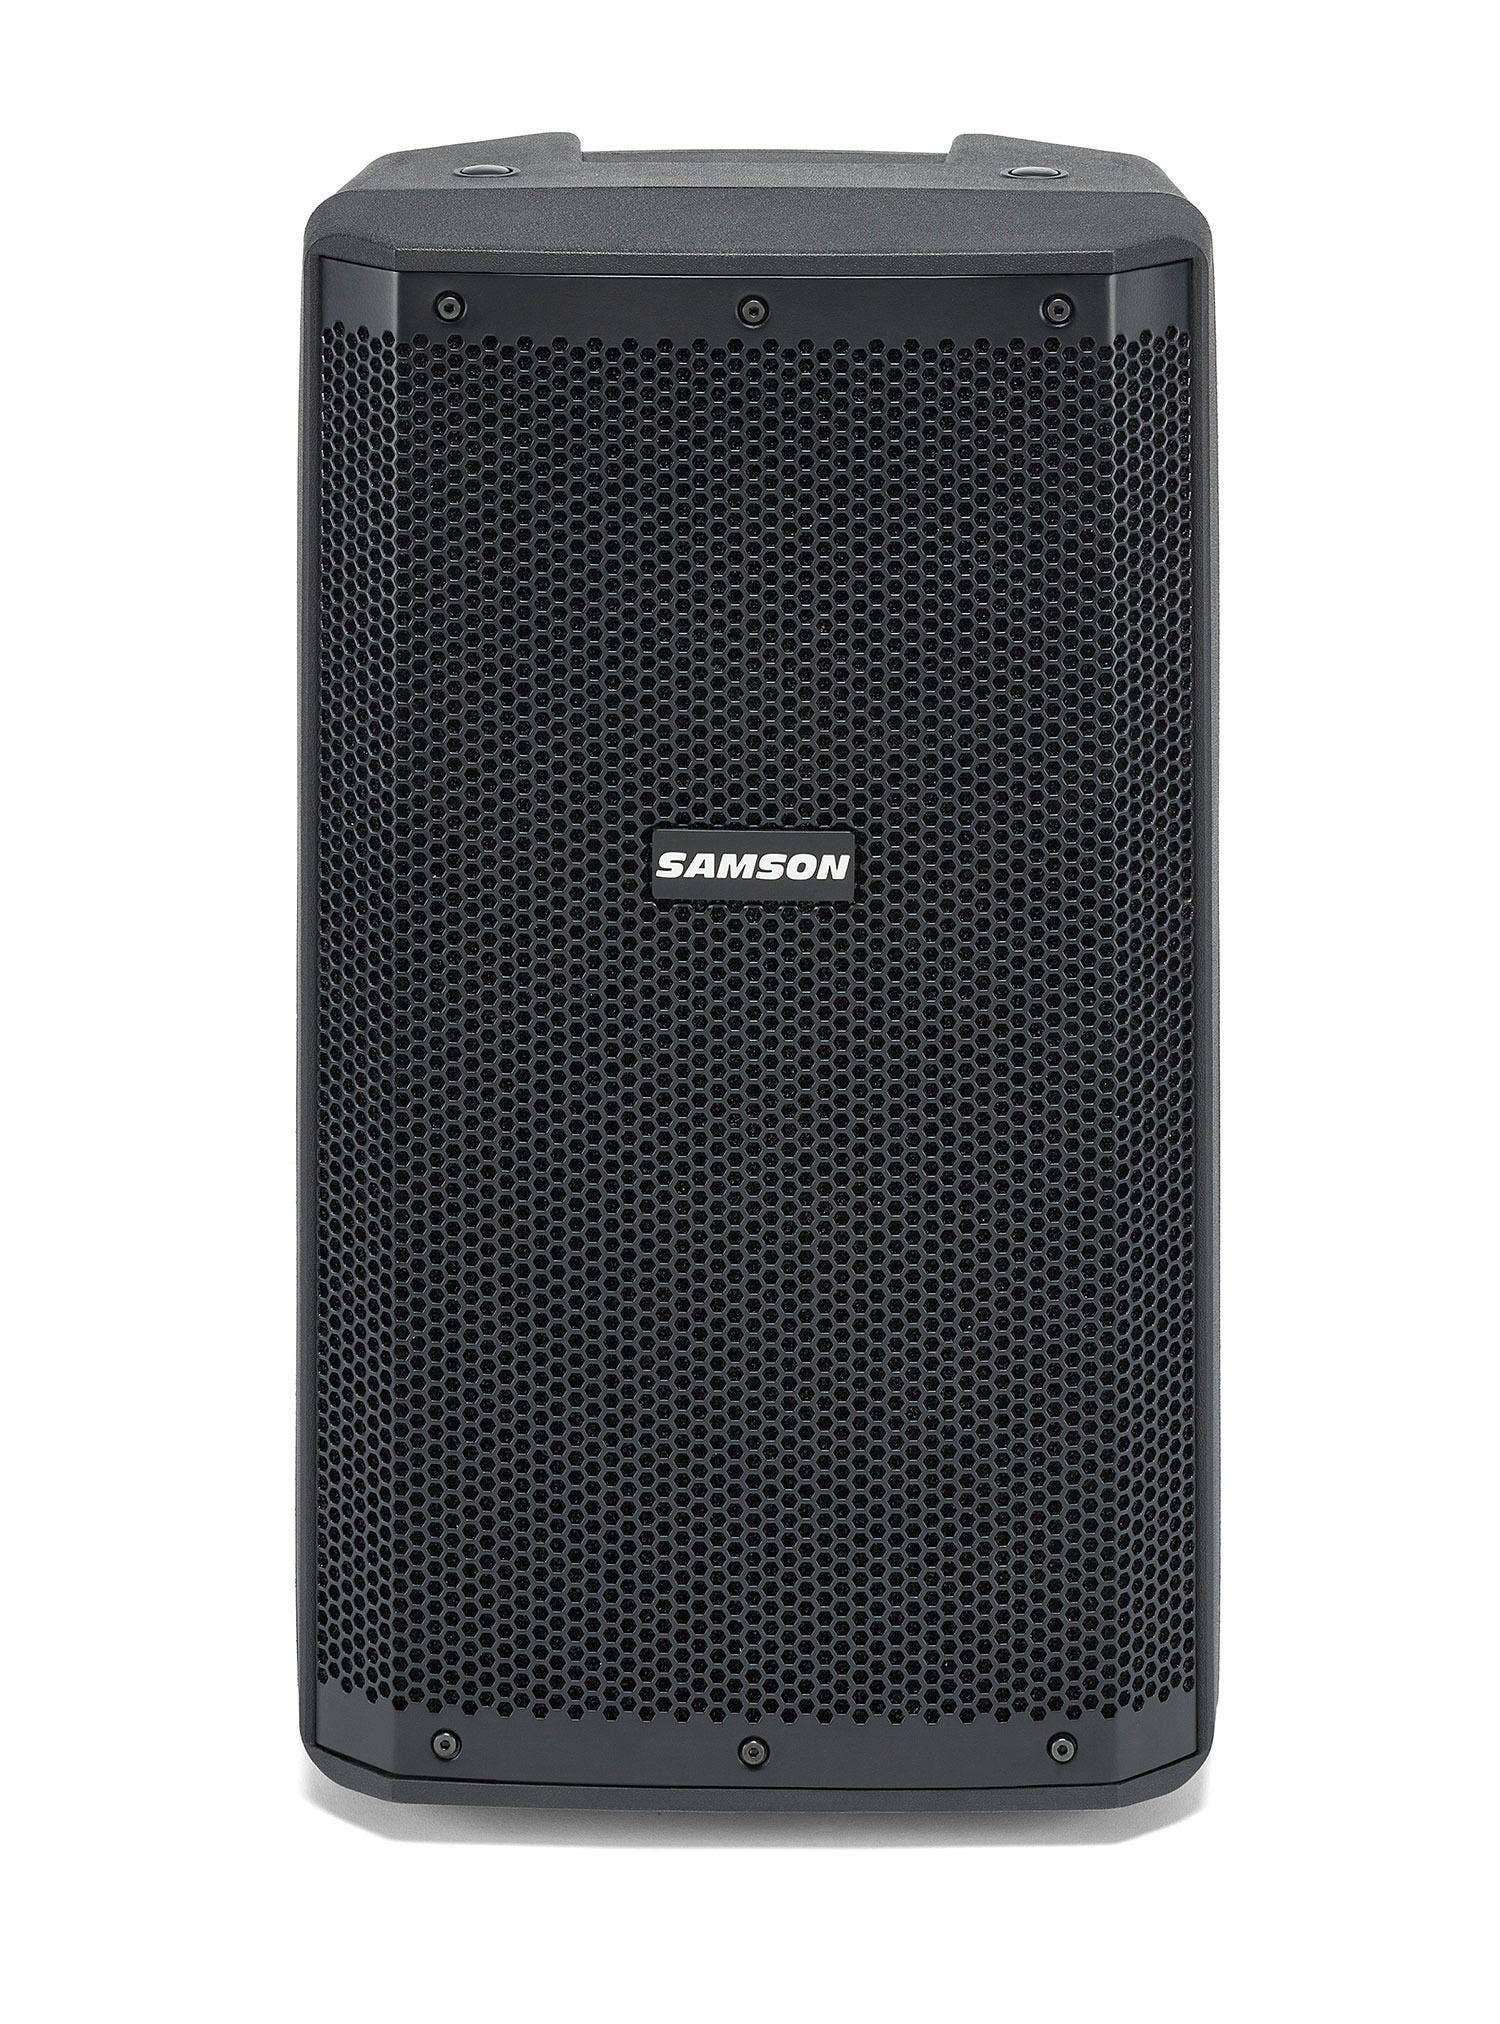 Samson RS110a Active Speaker